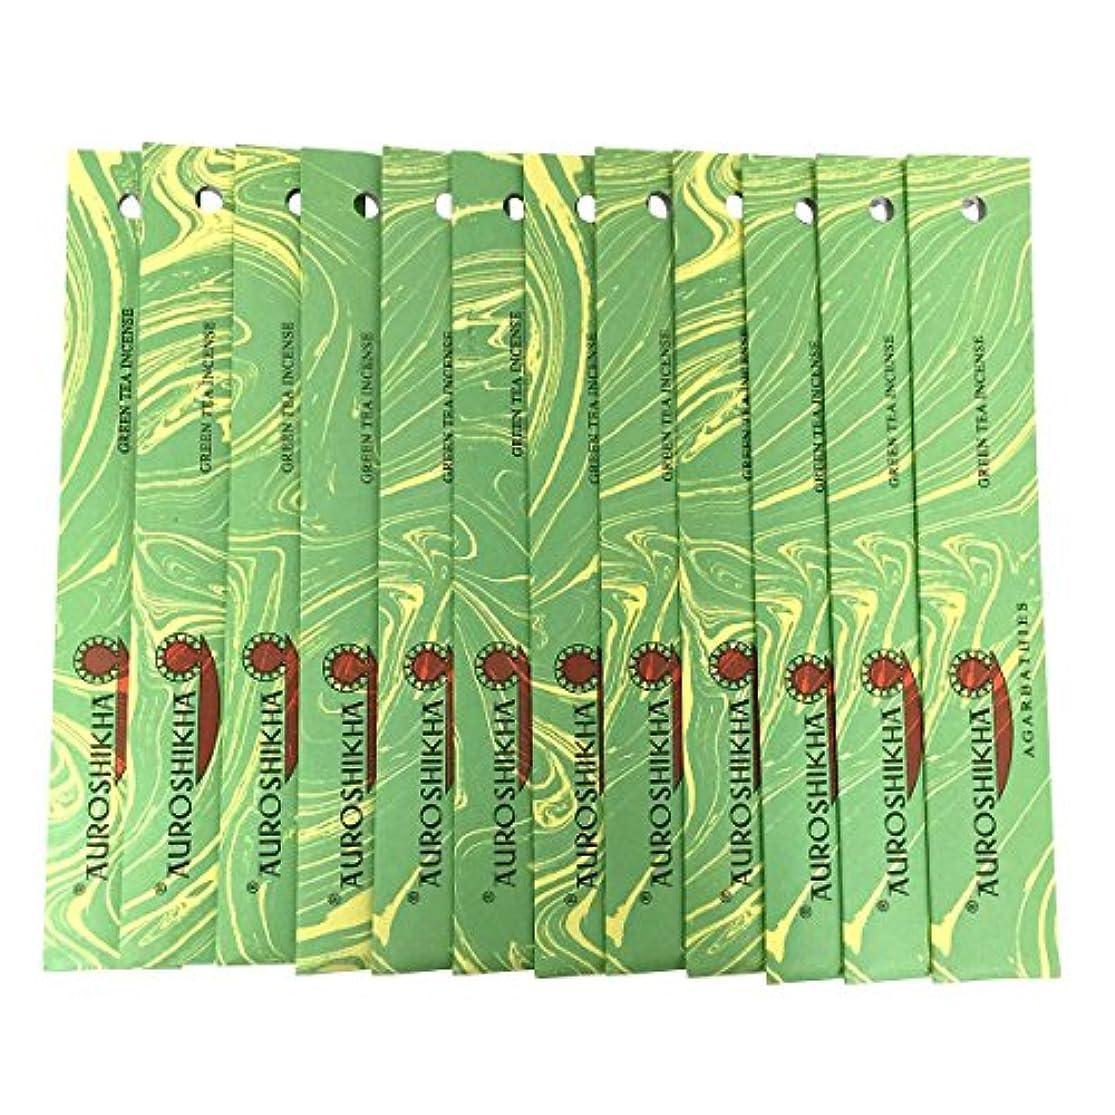 マダム名詞磁気AUROSHIKHA オウロシカ(GREENTEAグリーンティー12個セット) マーブルパッケージスティック 送料無料